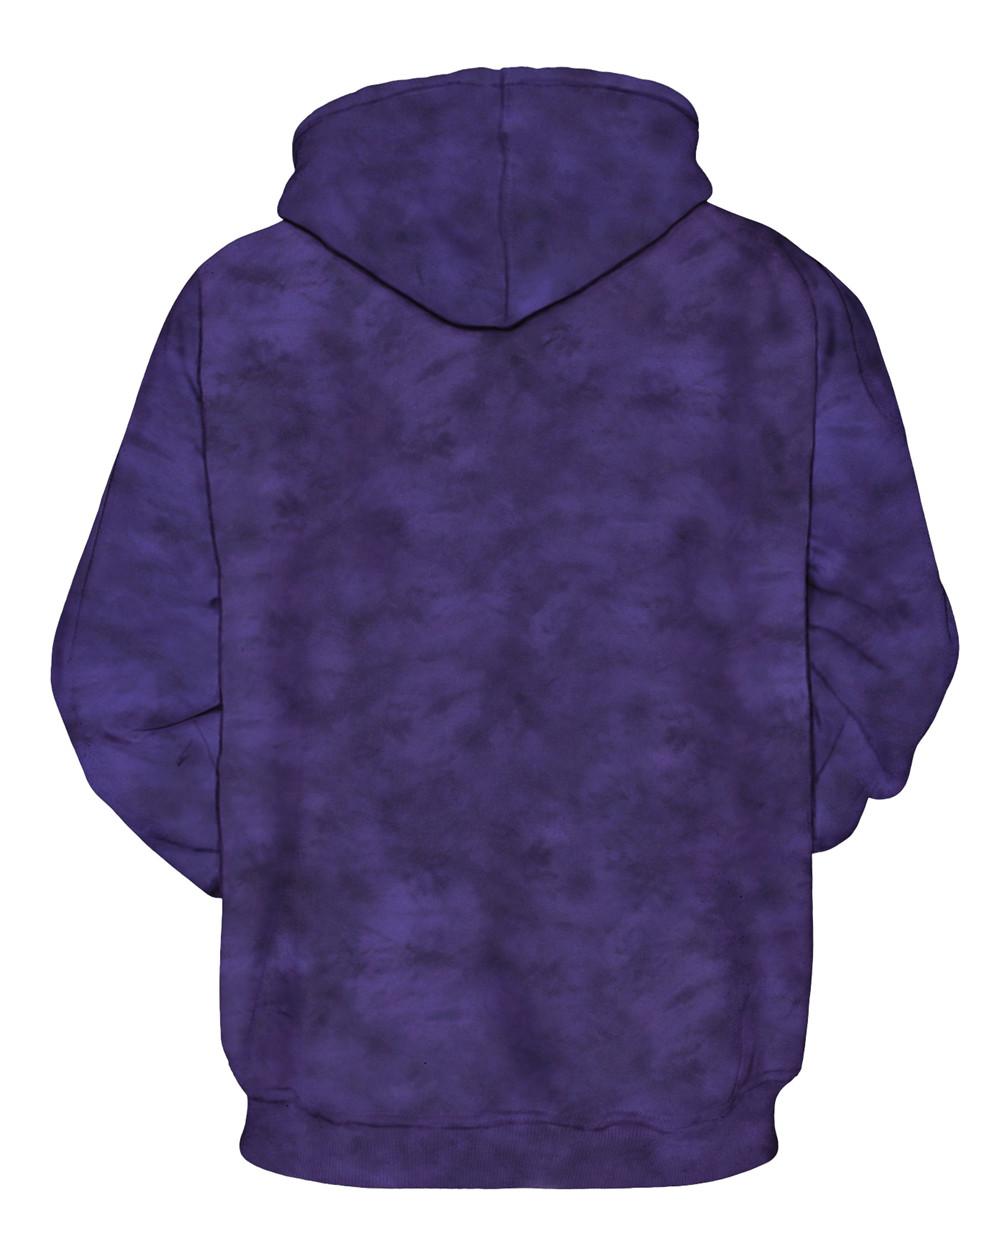 Women Men 3D Space Galaxy Printed Wolf Sweatshirt Pullover Hoodie Sweater Tops